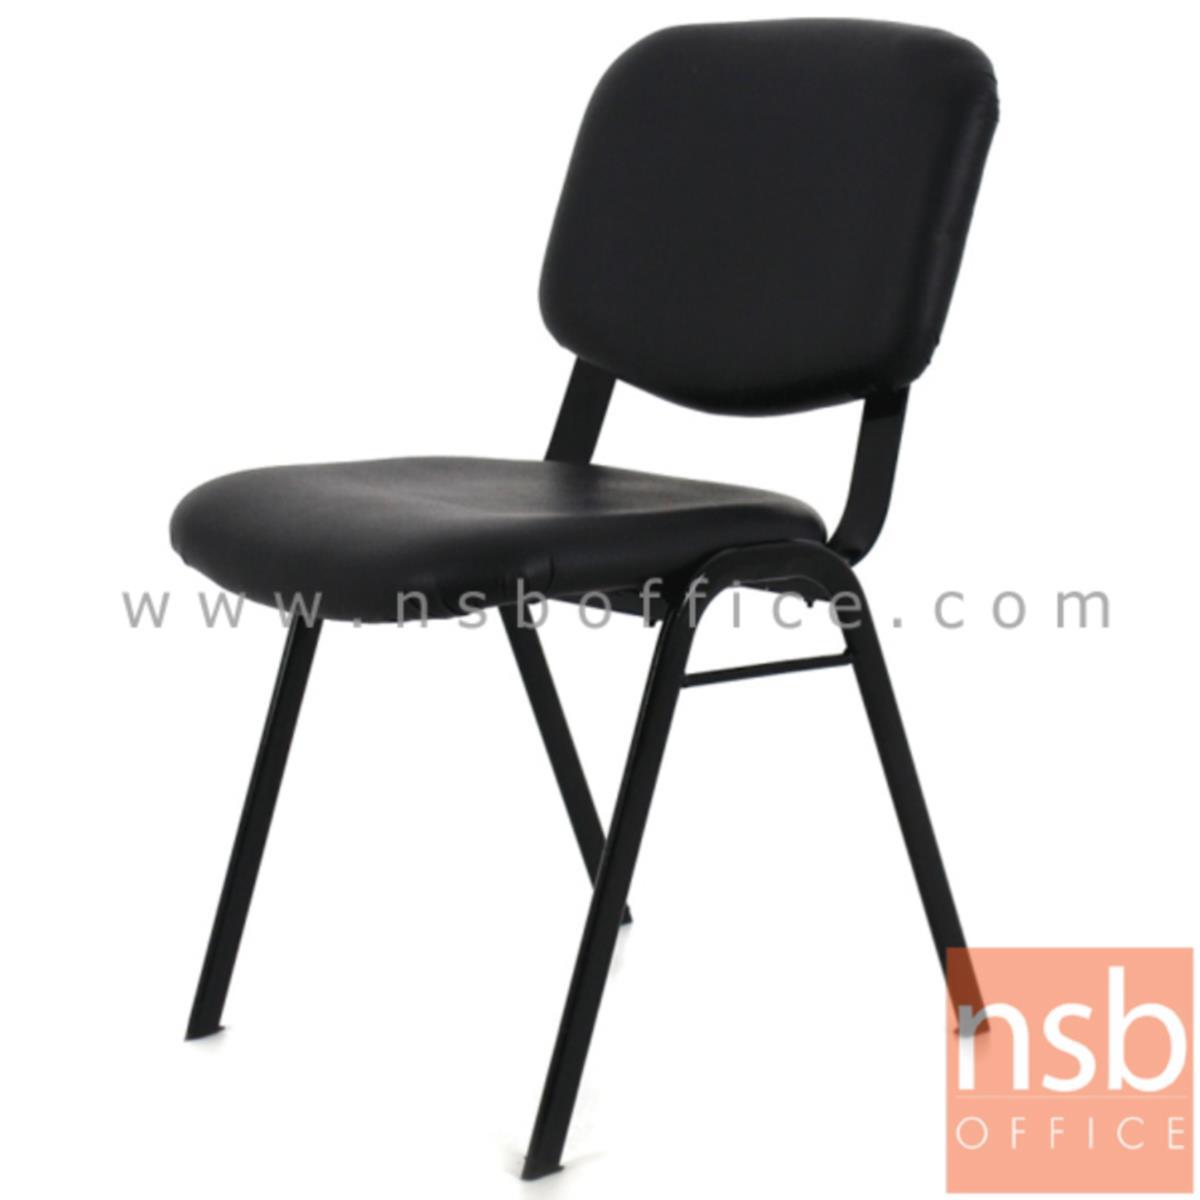 เก้าอี้อเนกประสงค์  รุ่น Harding (ฮาร์ดิง)  ขาเหล็กพ่นดำ